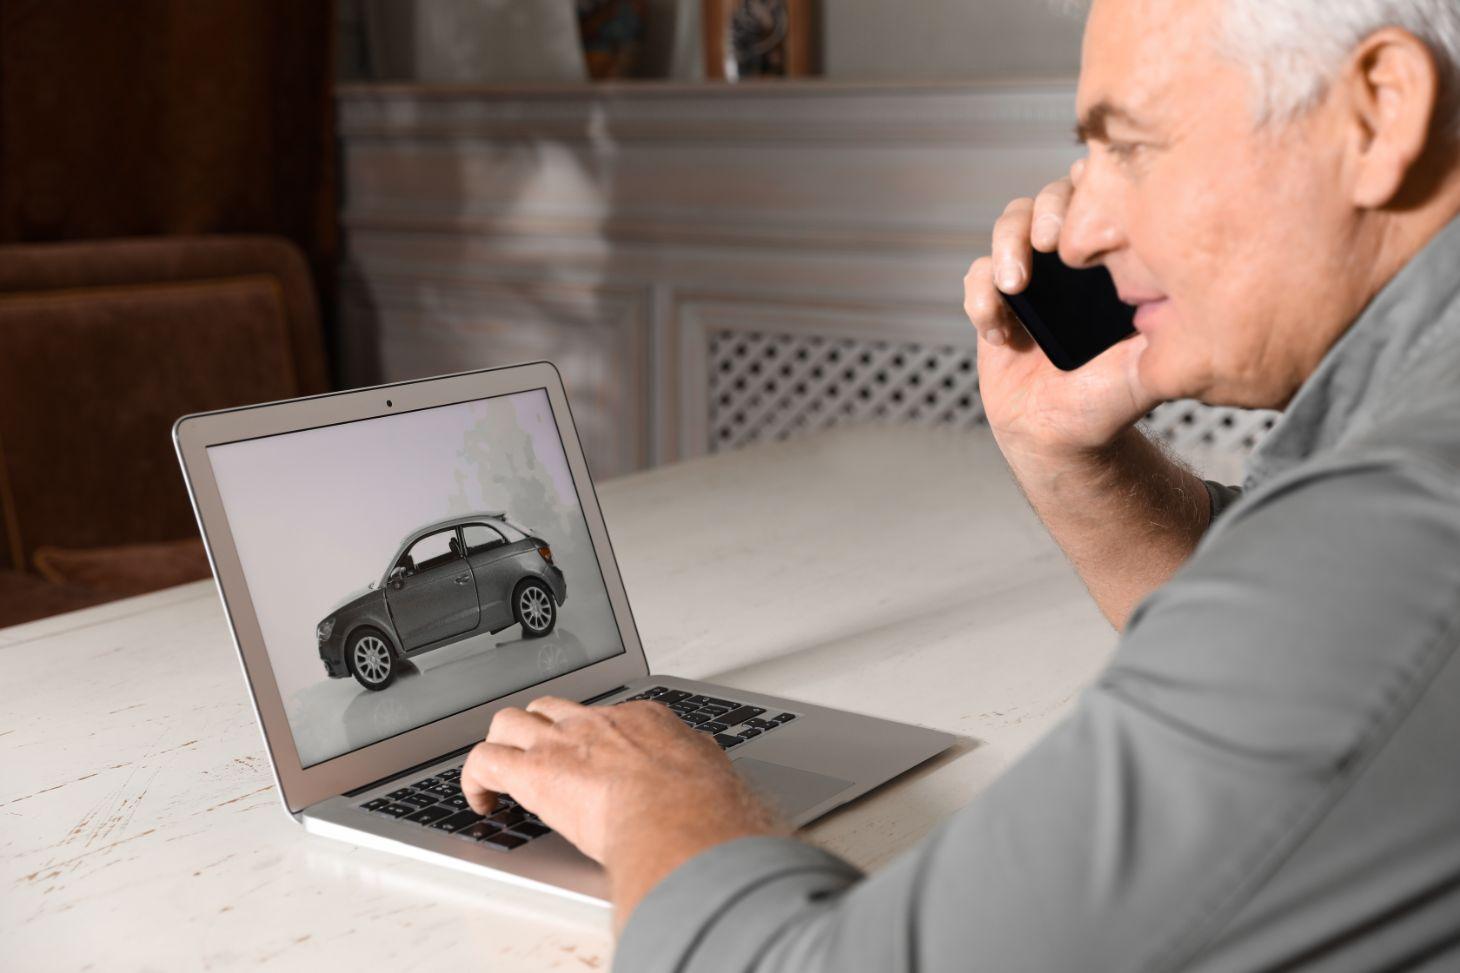 homem no telefone faz buscas no computador sobre veiculos